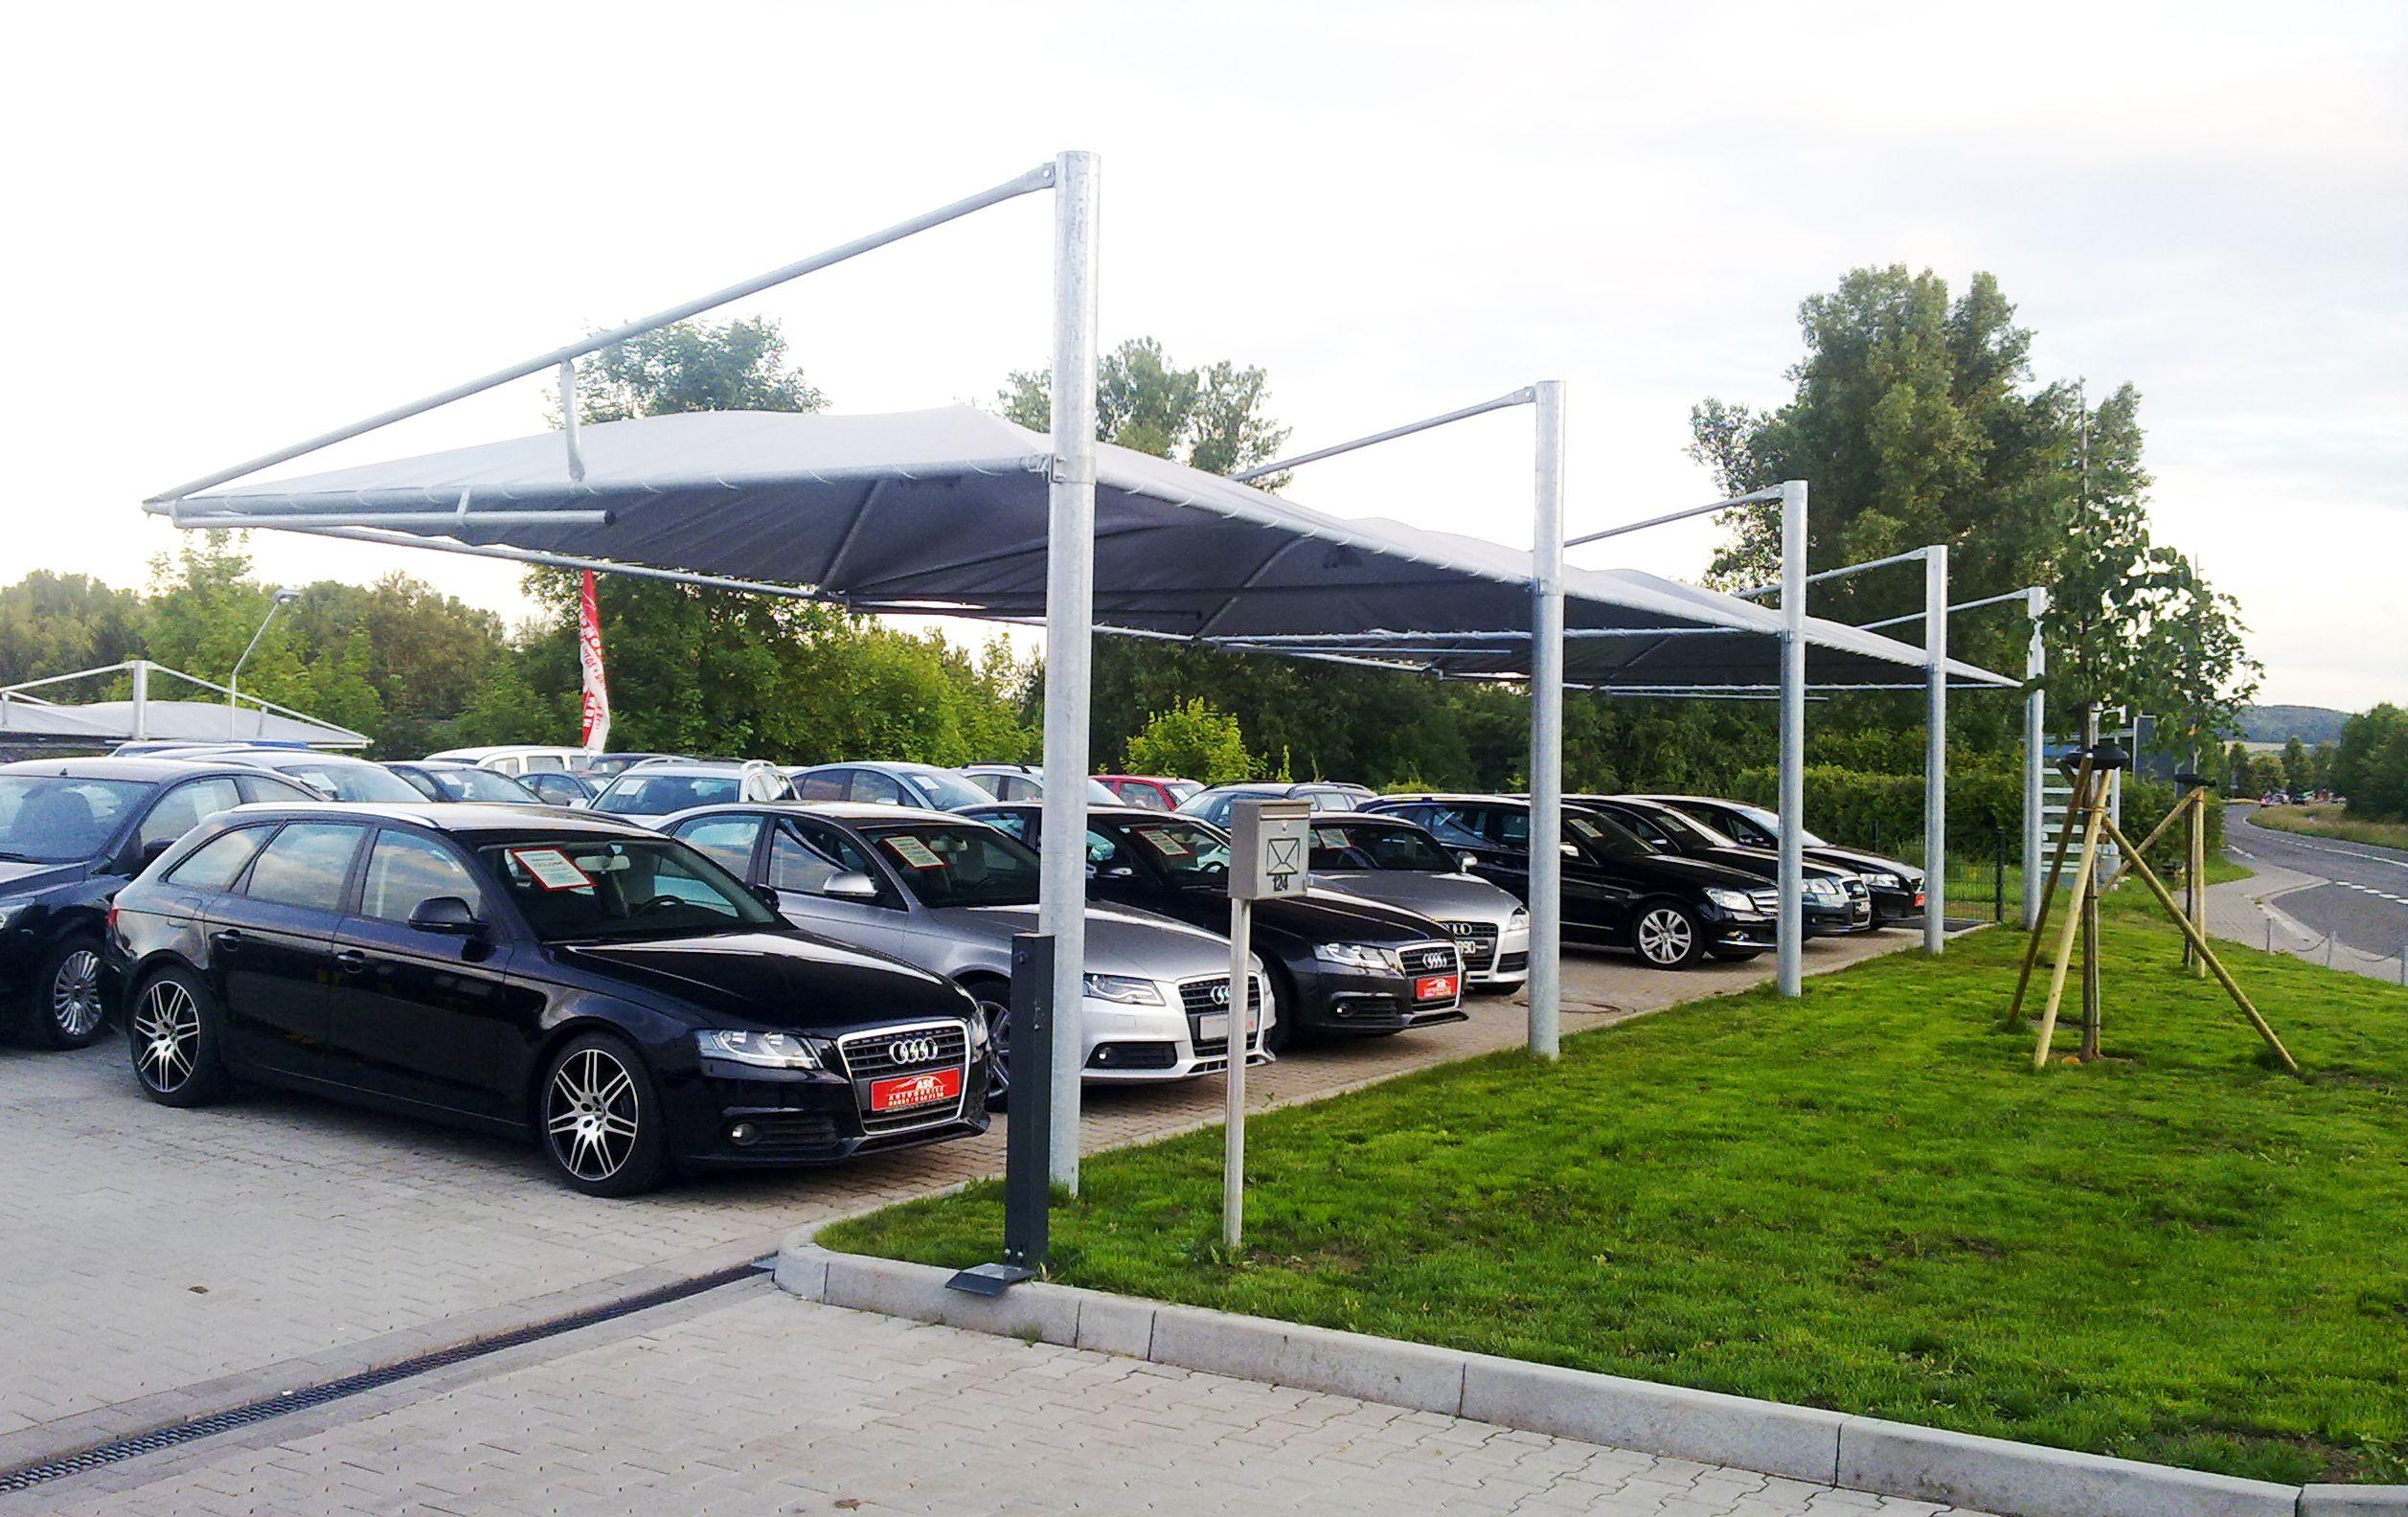 CarportKombination für mehrere Parkplätze 8.550,00€ inkl